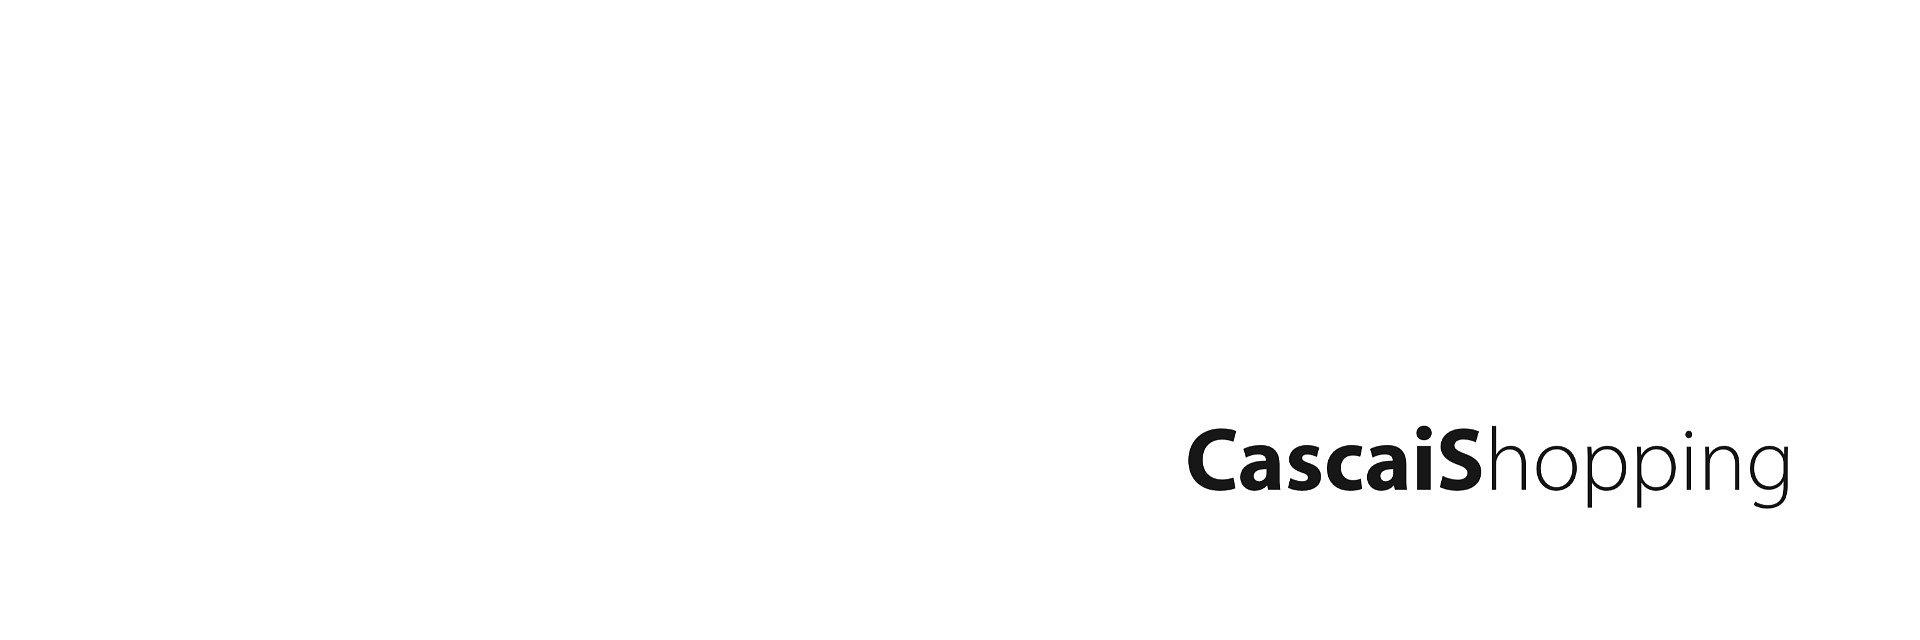 Vote no Orçamento Participativo no CascaiShopping